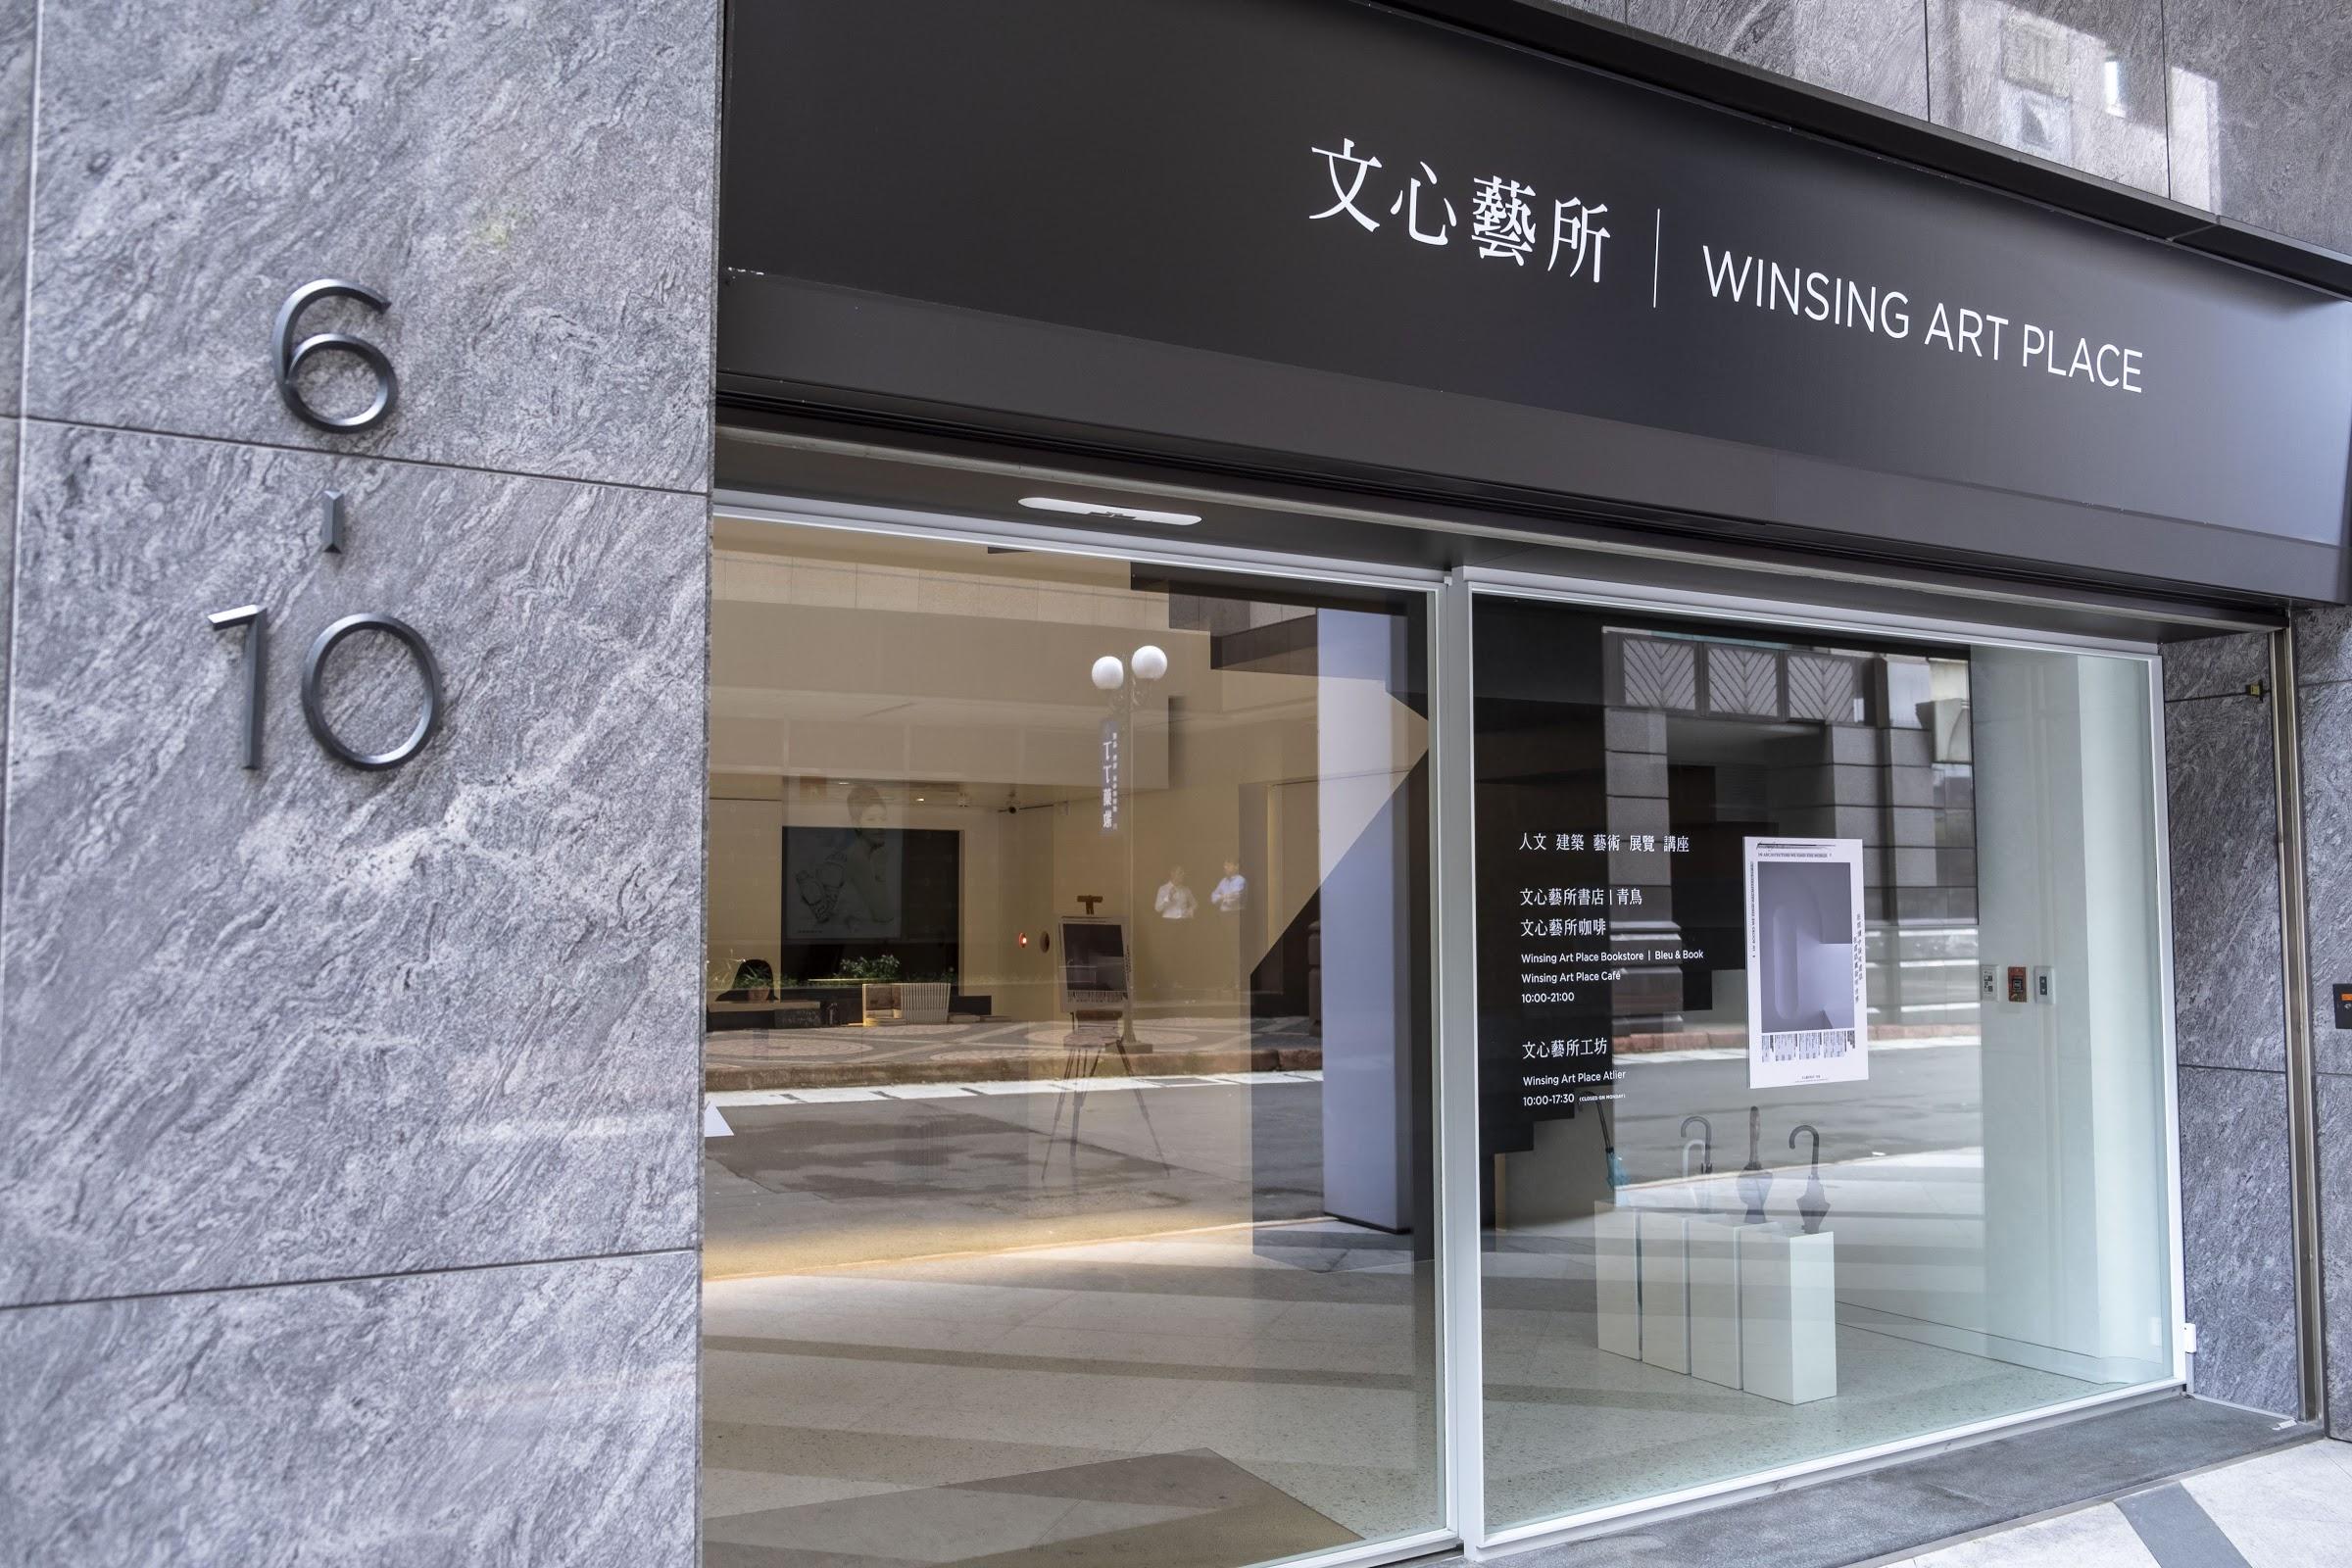 文心藝所書店|青鳥